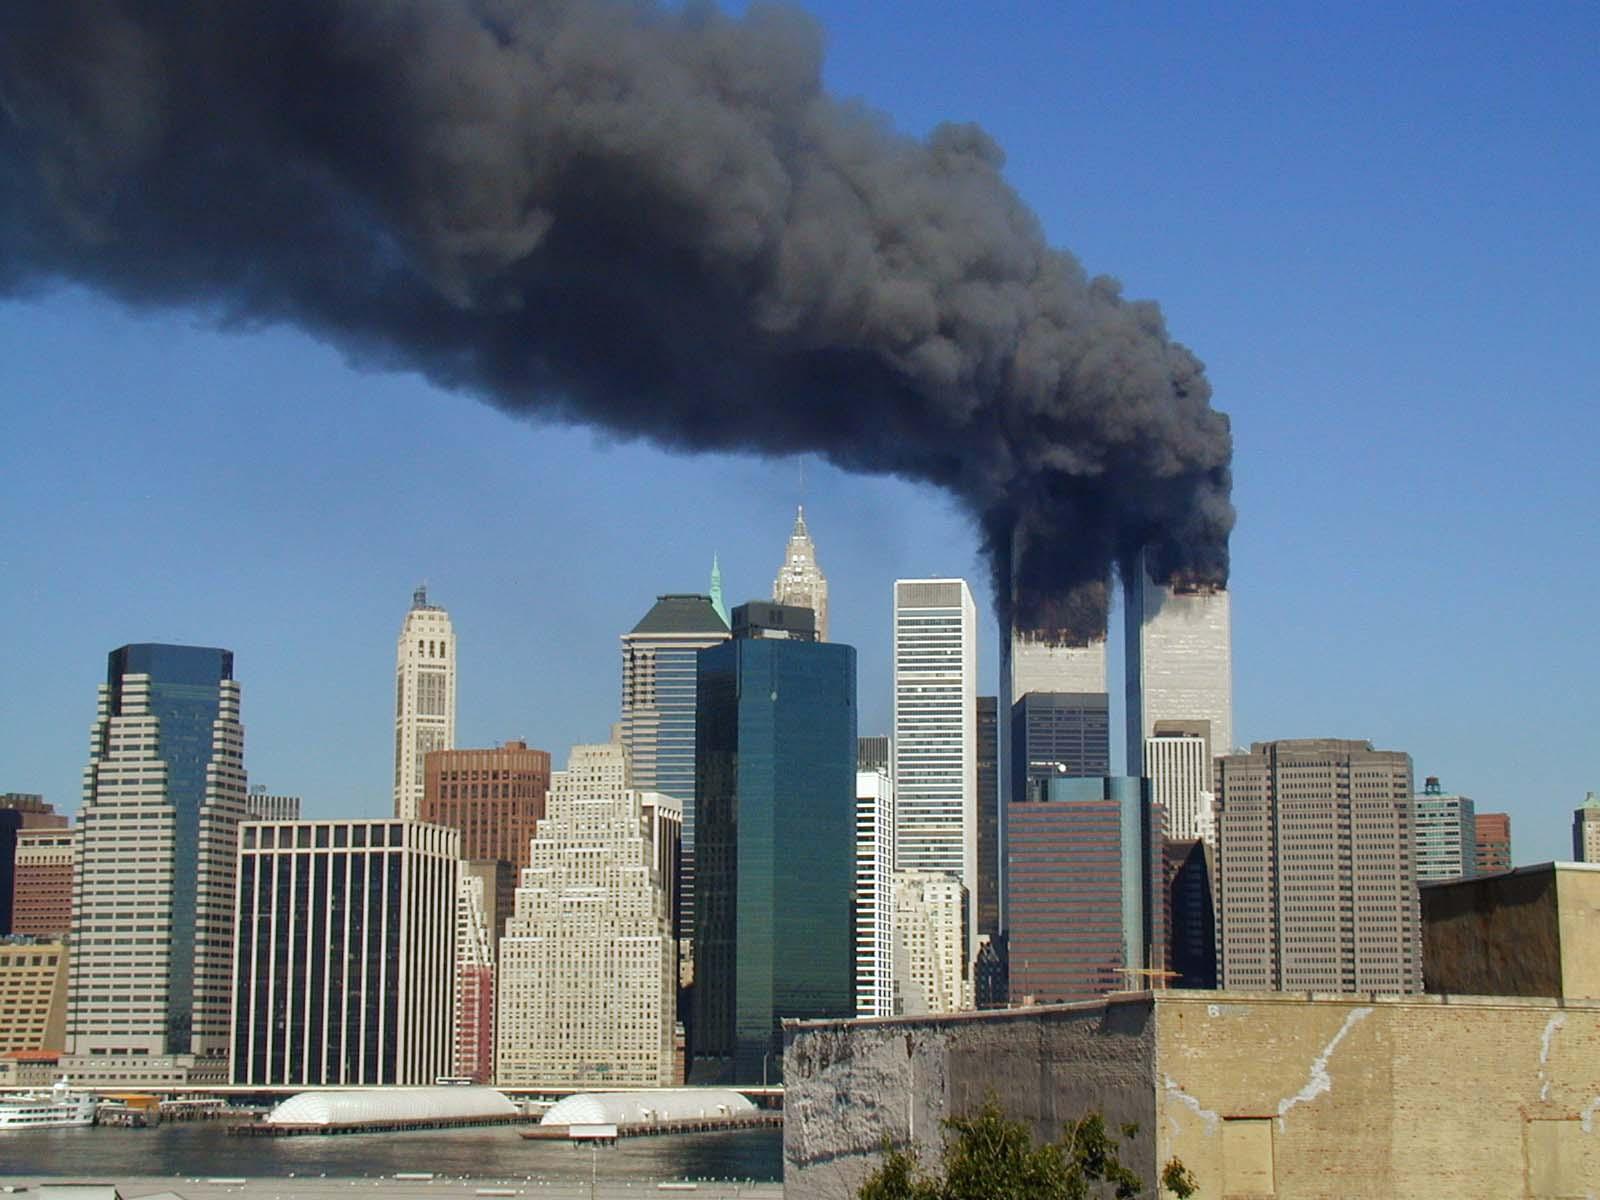 - 08 11 de Setembro WTC smoking on 9 11 Michael Foran - Veja o que as tragédias aéreas ensinaram para aumentar segurança dos aviões